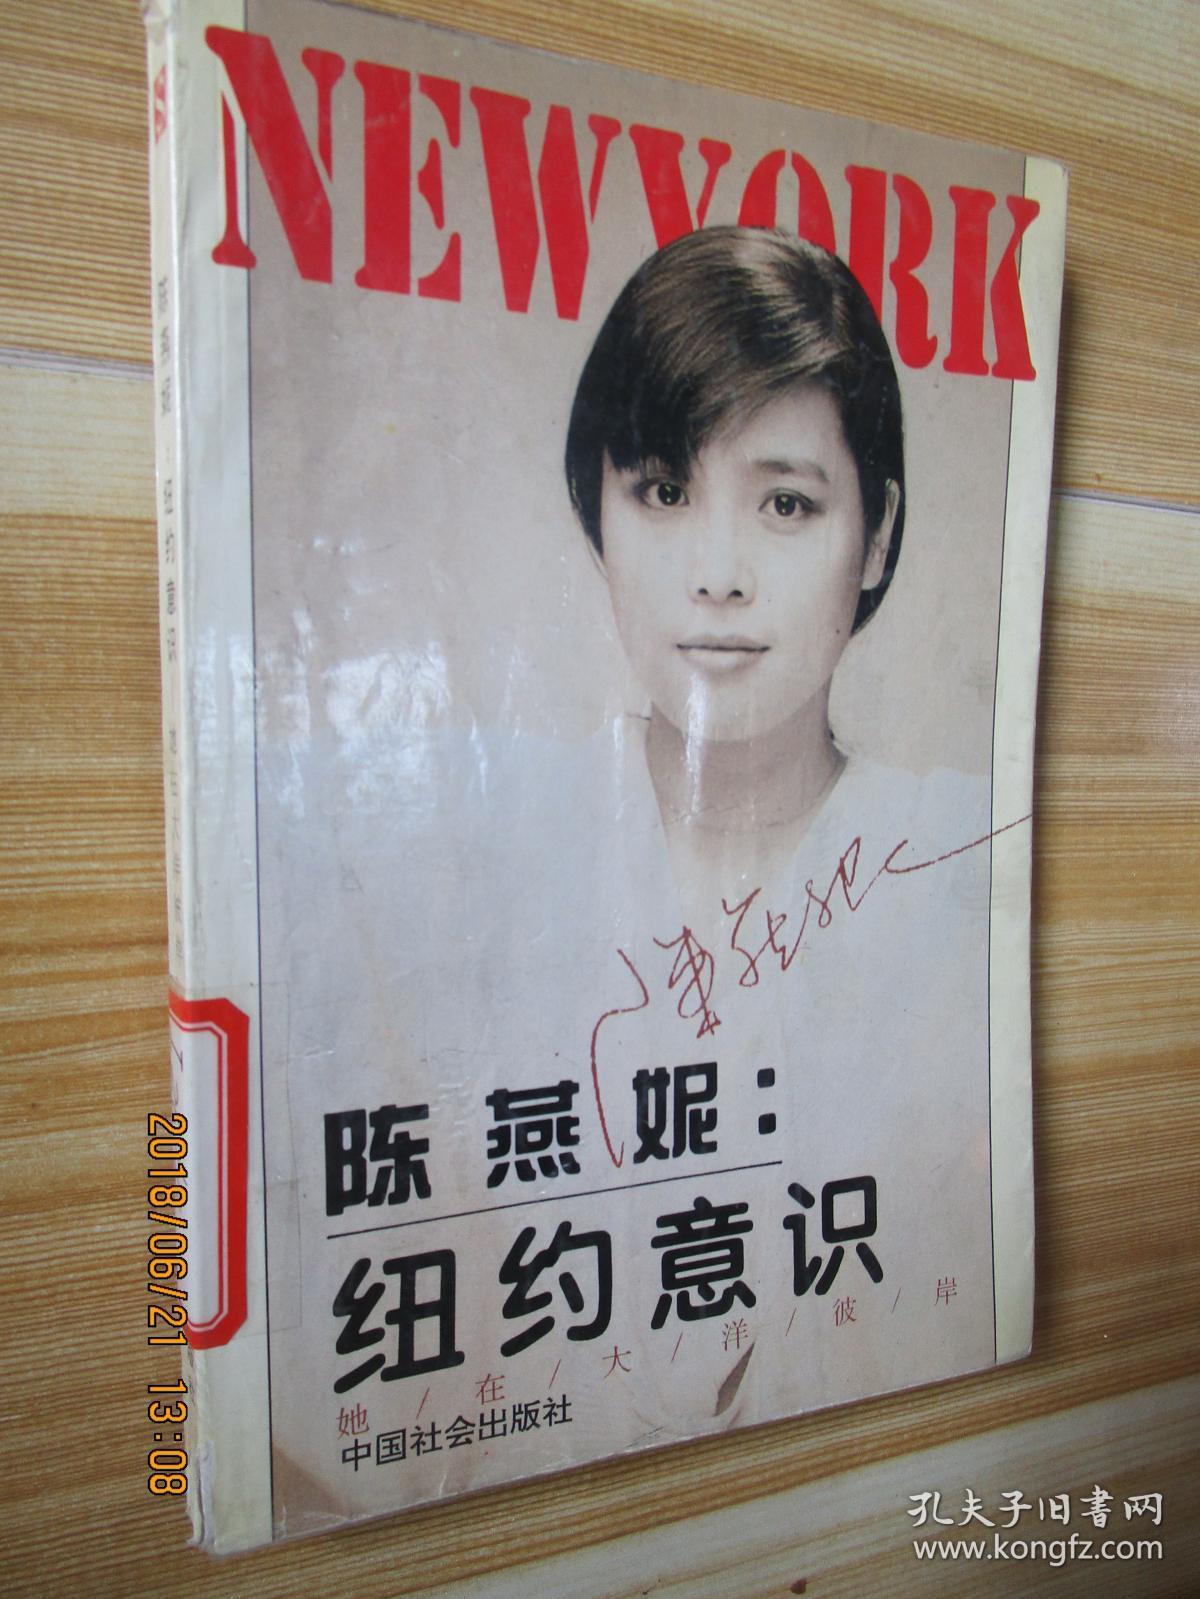 陈燕妮:纽约意识:她在大洋彼岸